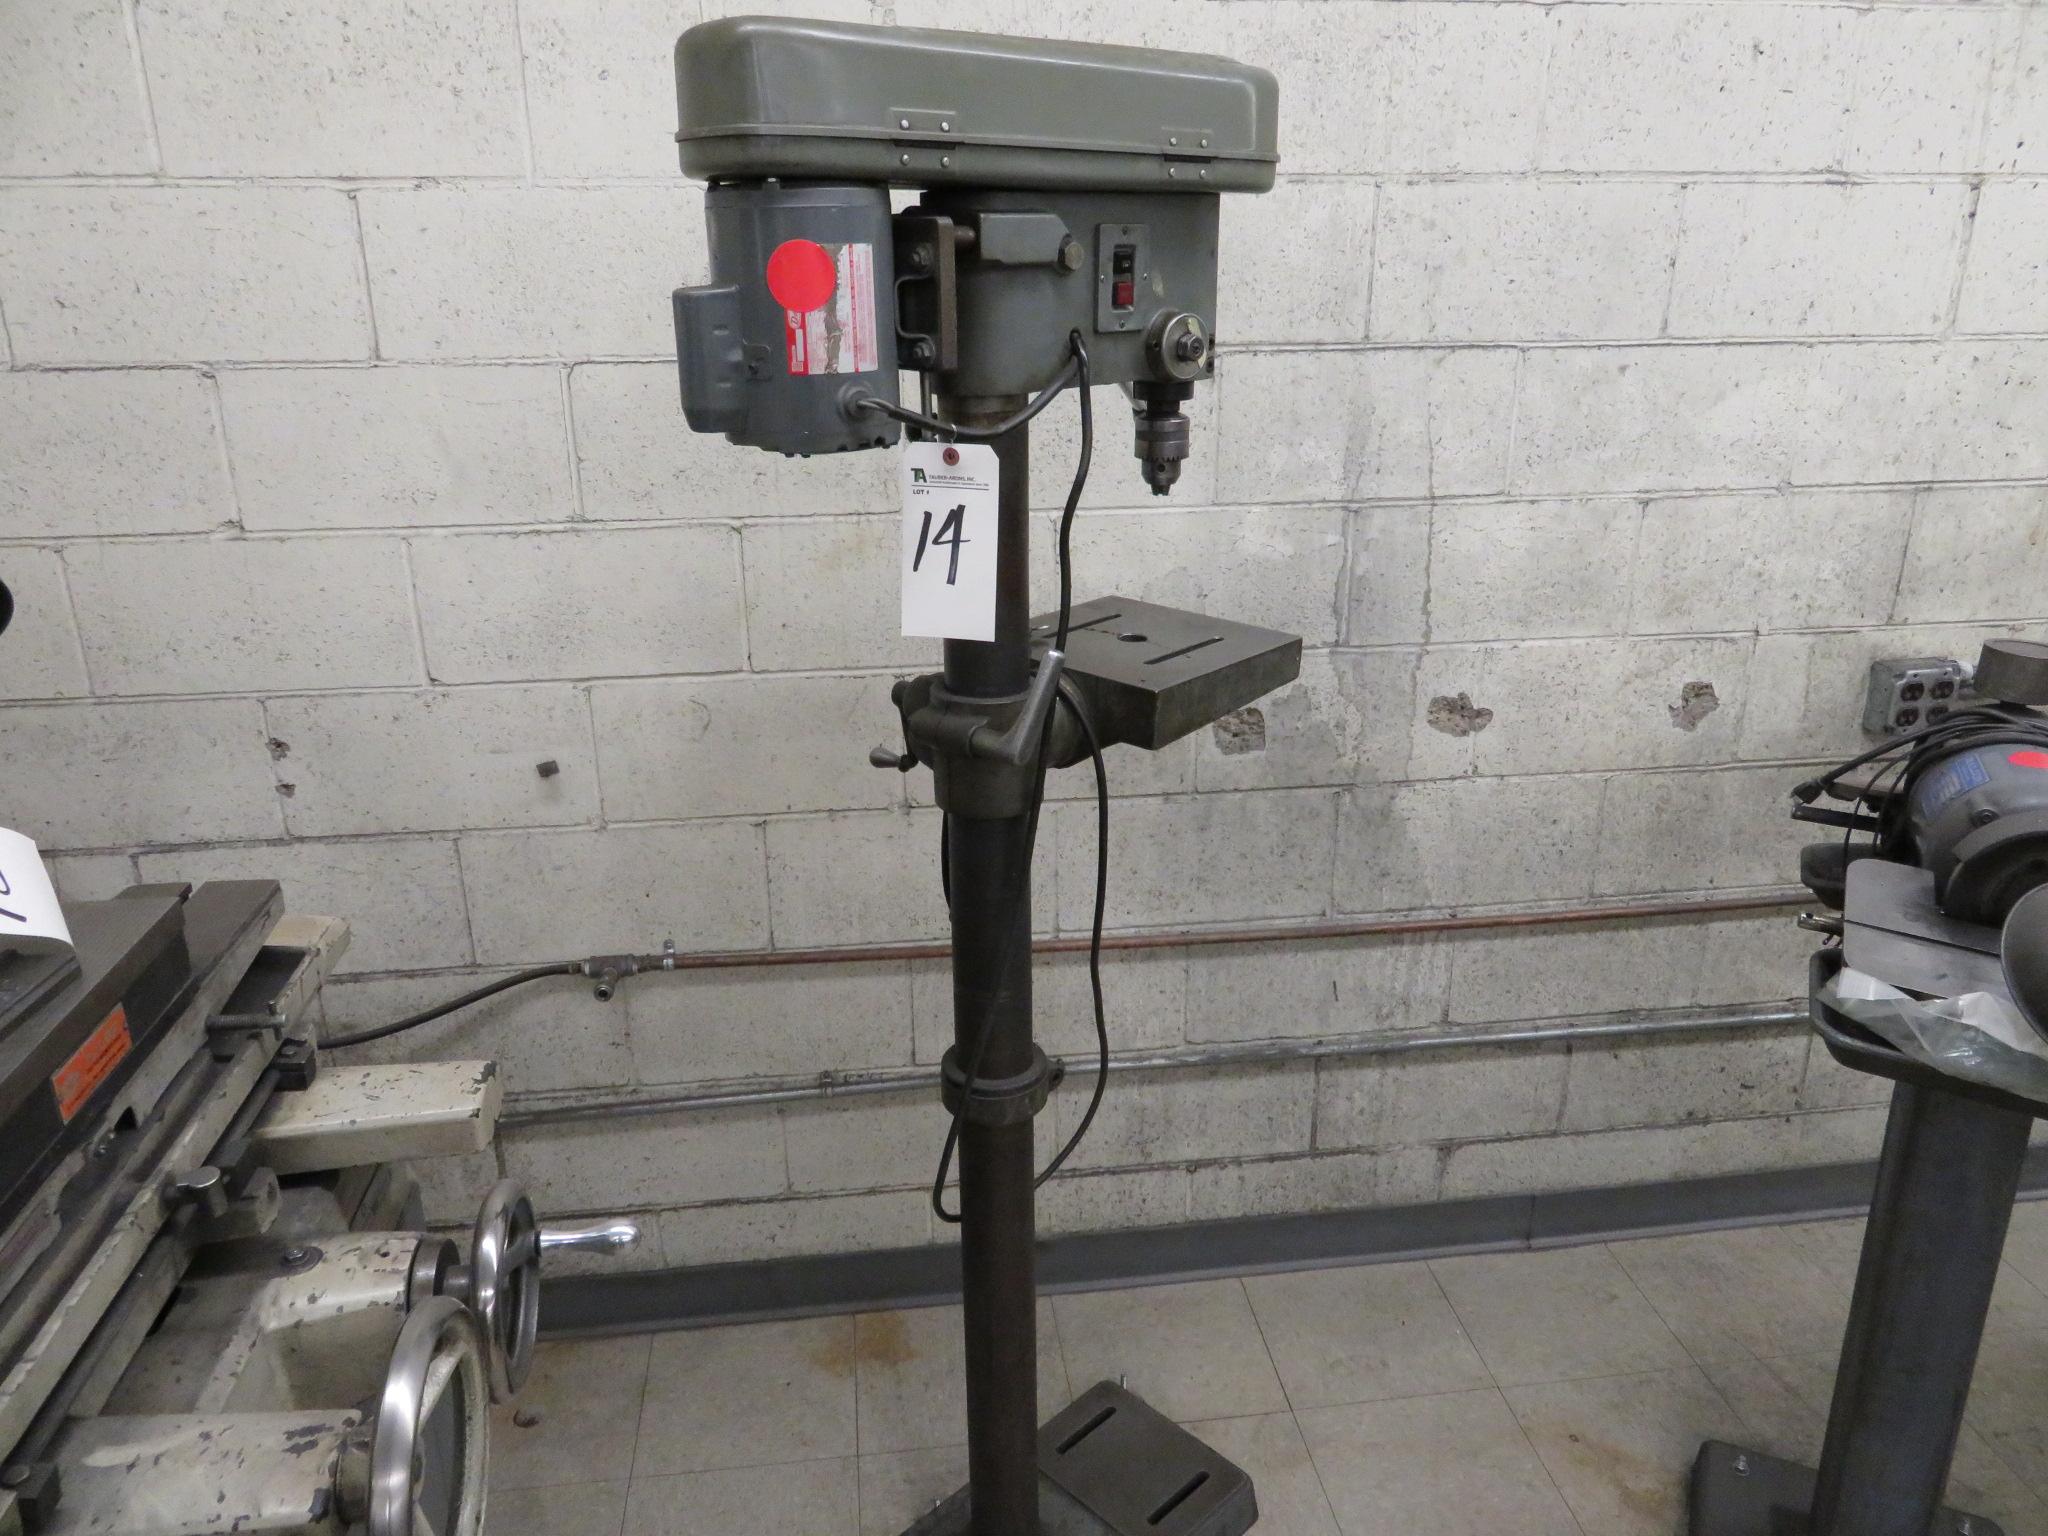 Ashina 1/2hp Pedestal Drill Press - Image 2 of 2